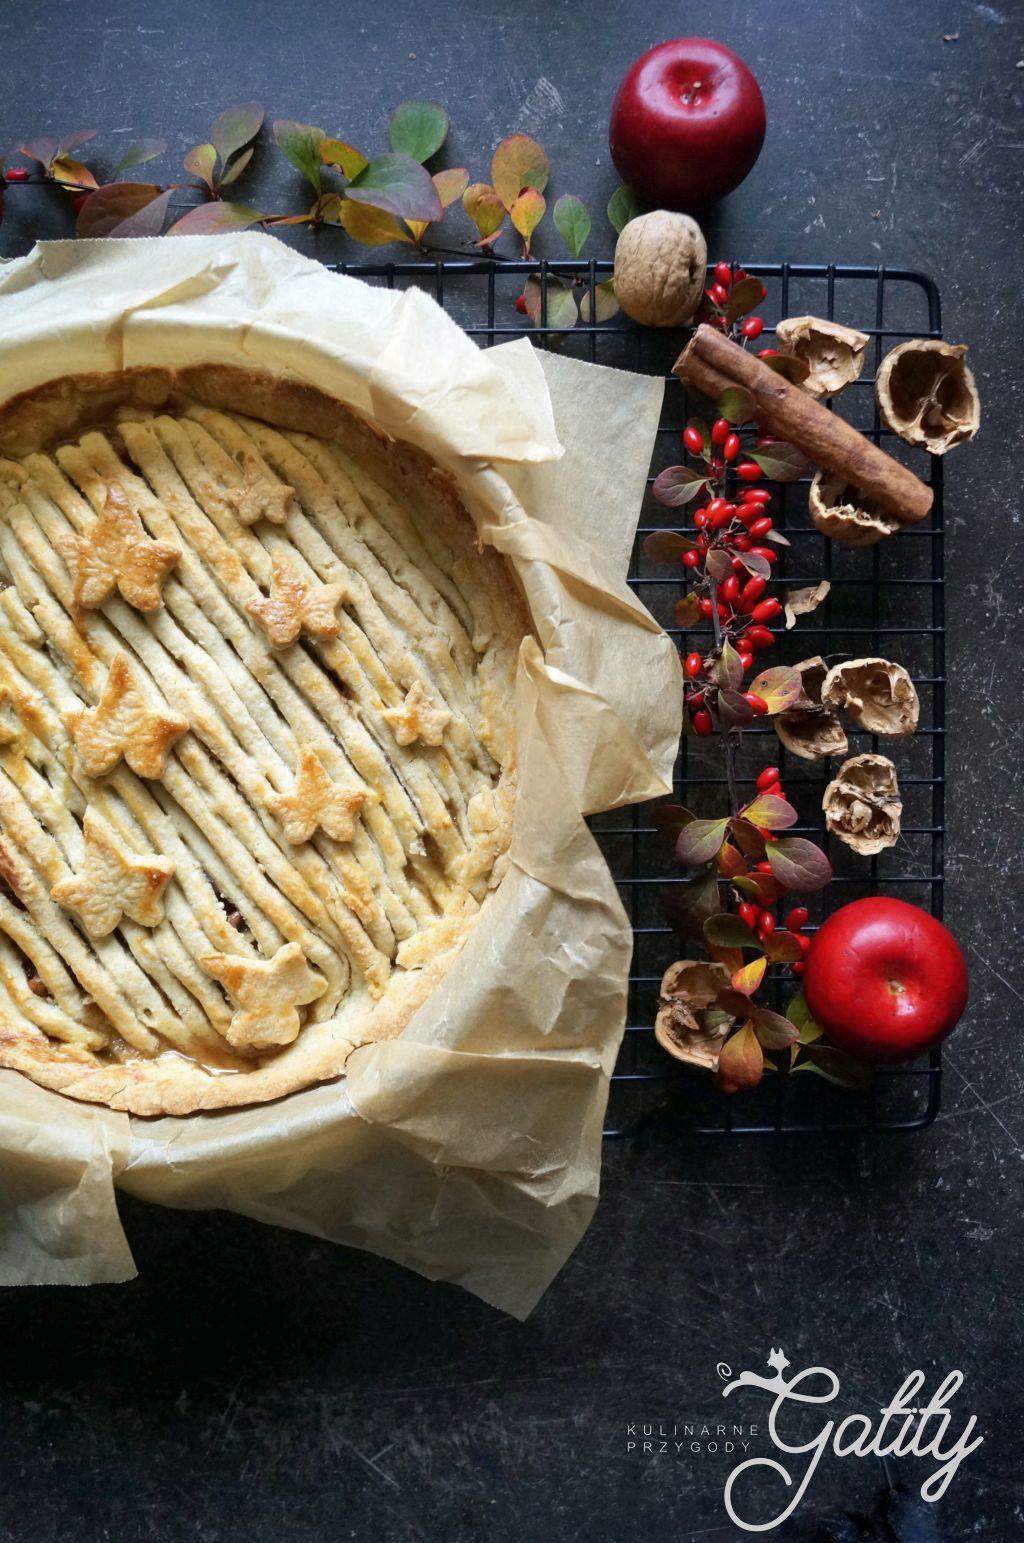 ciasto-z-jablkami-i-jesienne-liscie-i-orzechy